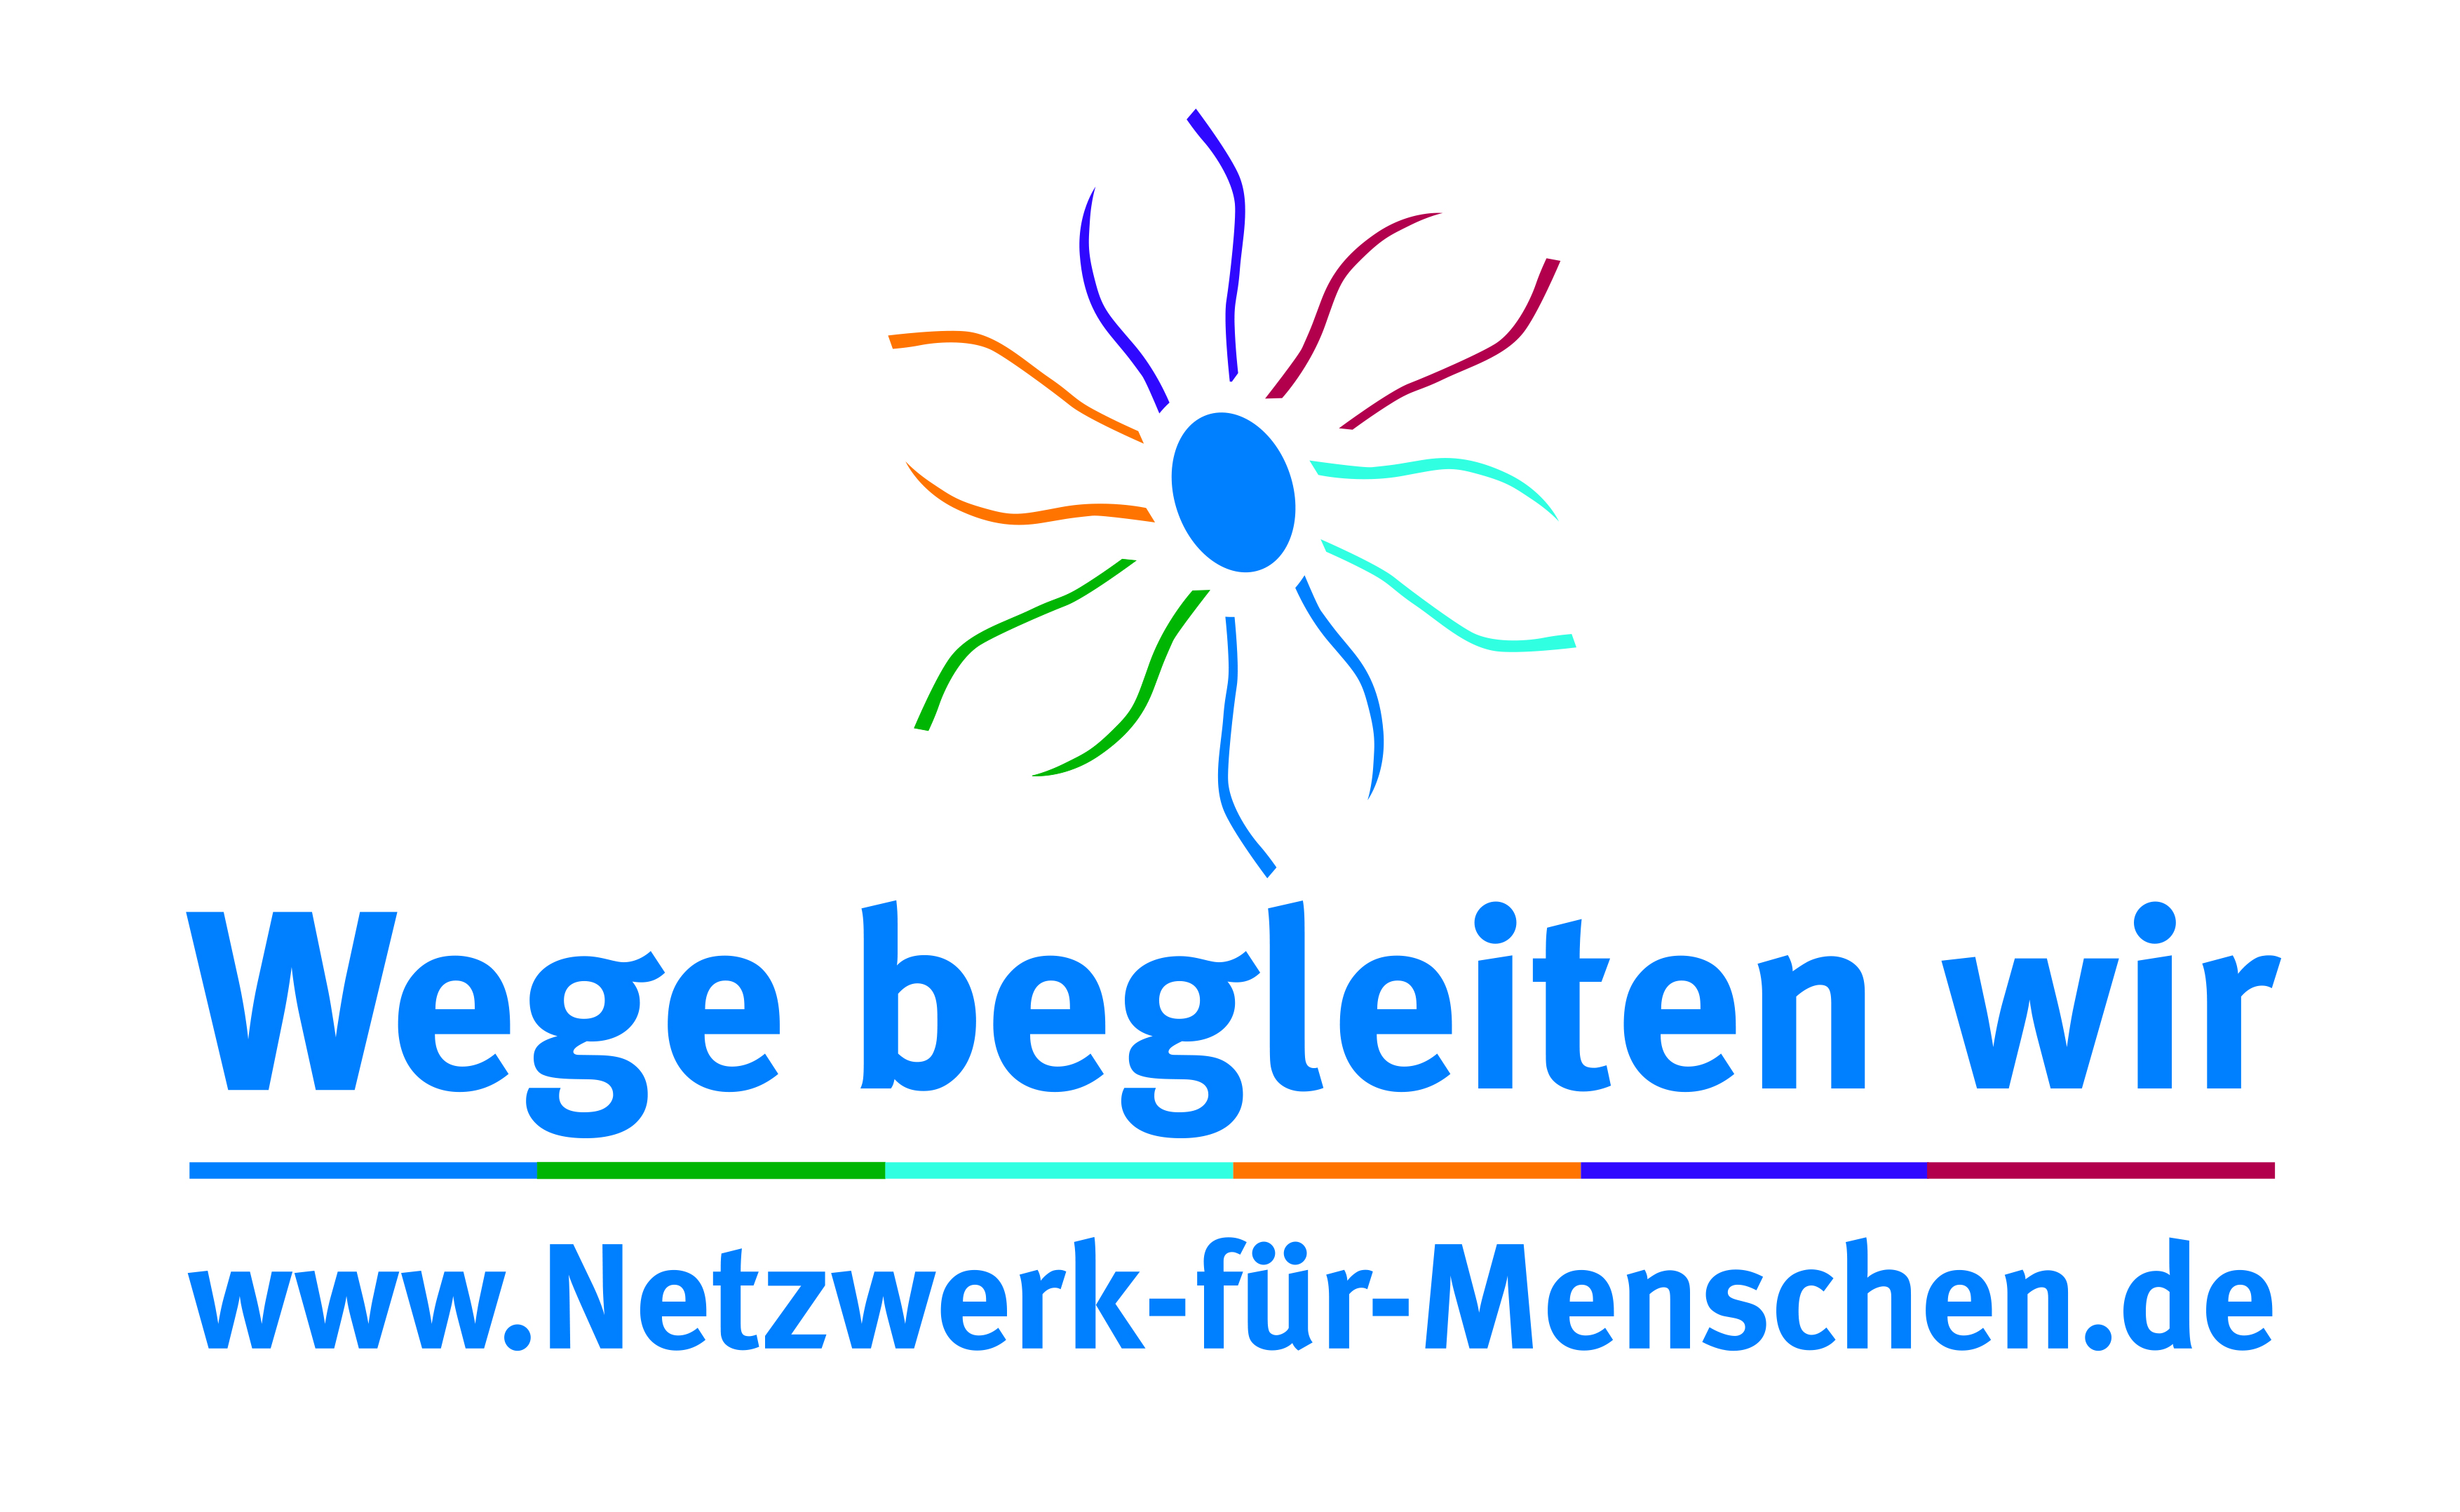 Logo: Netzwerk für Menschen (Augustenstift zu Schwerin, SOZIUS gGmbH & ASG mbH)